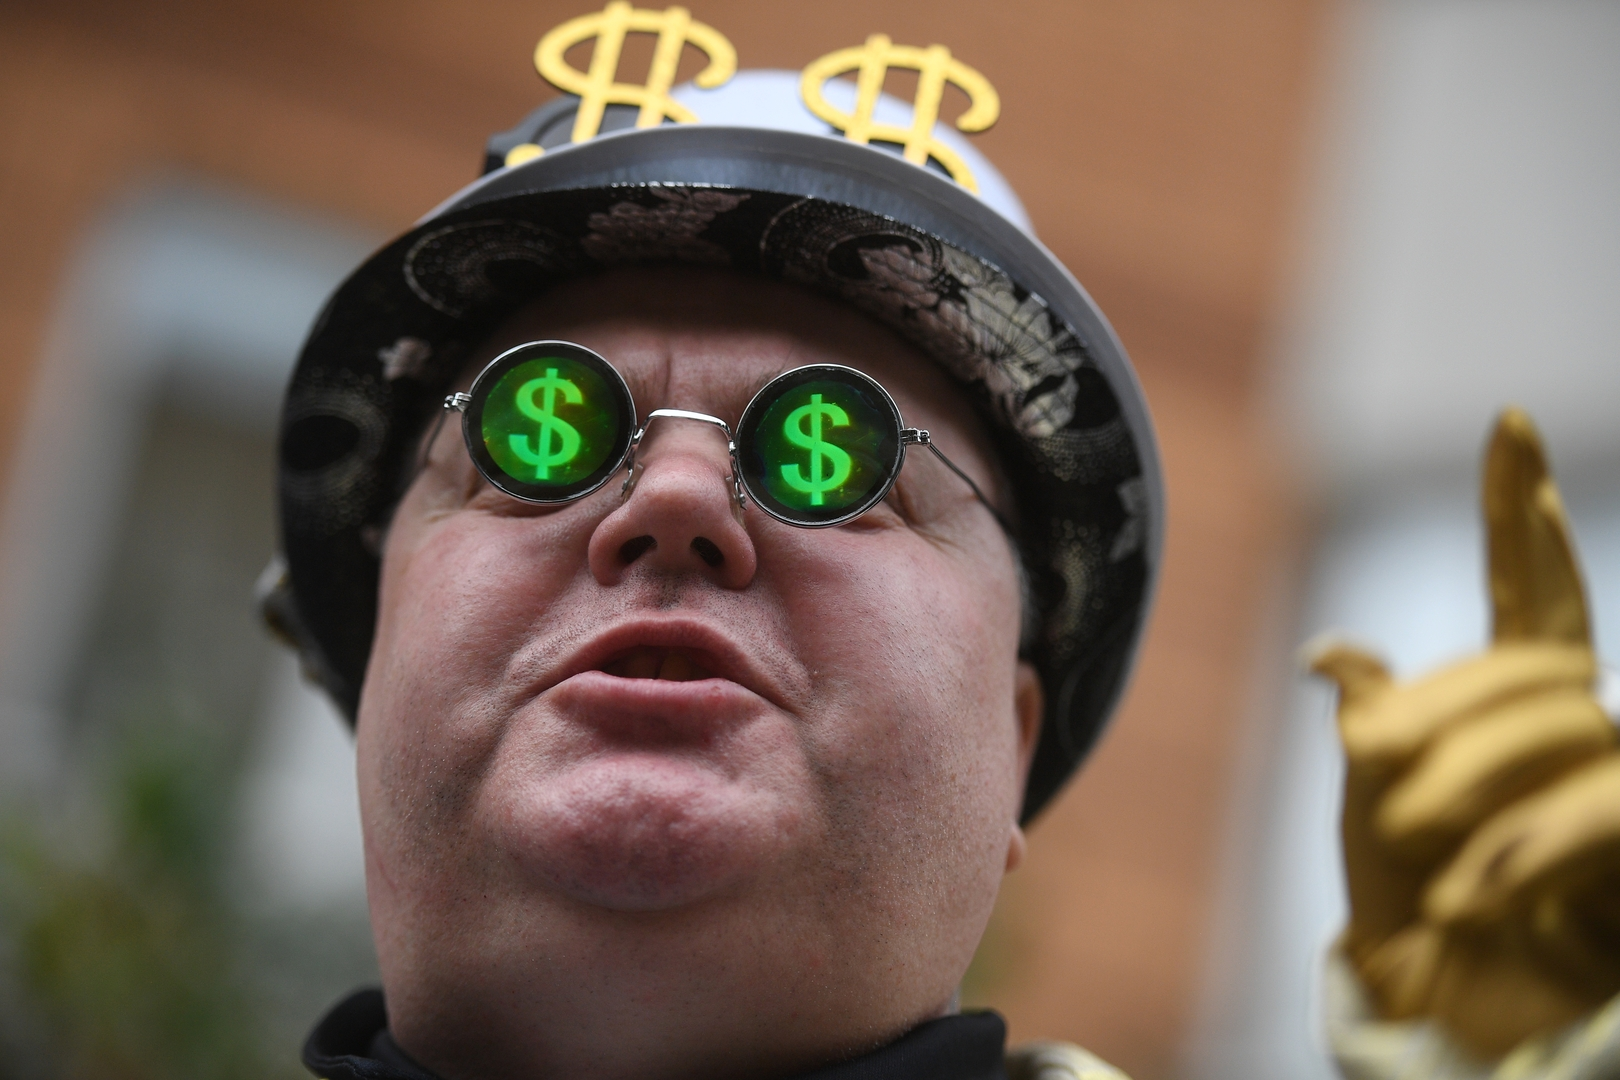 ترتفع بـ2.7 مليار دولار في الساعة.. ديون العالم تبلغ مستوى